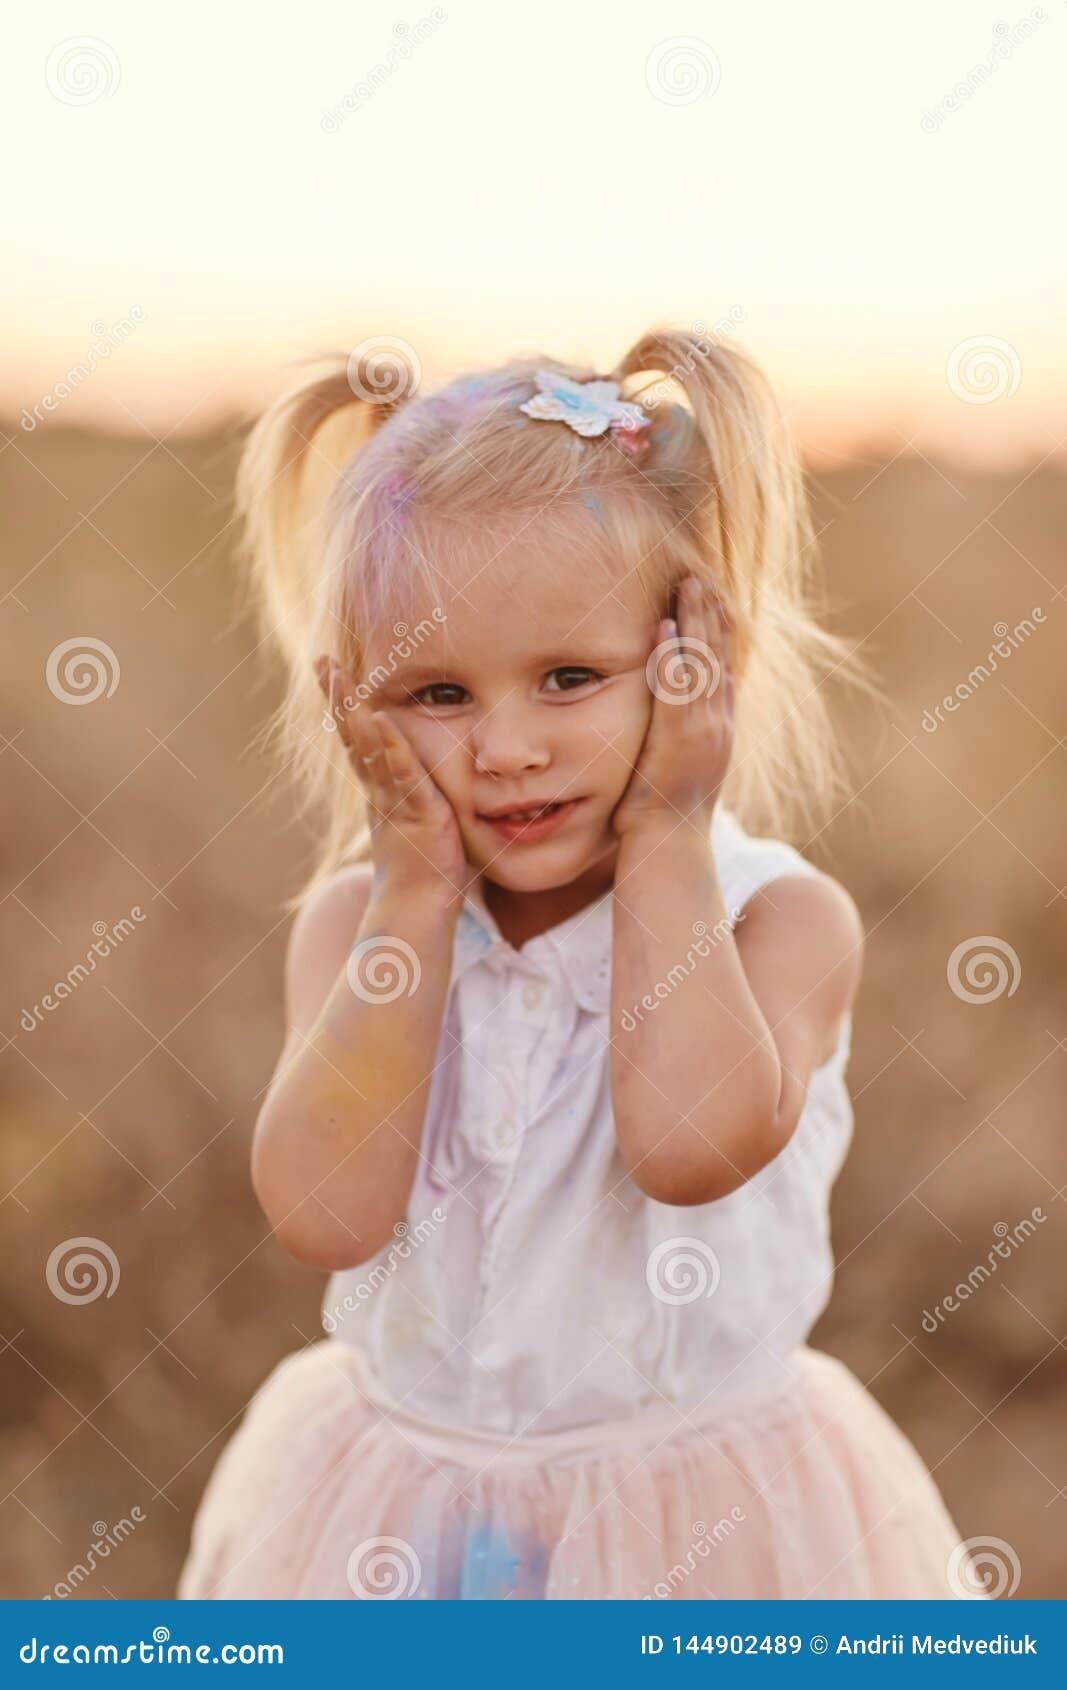 St?ende av den lyckliga flickan suddig med kul?rt pulver Liten flicka med tv? svansar